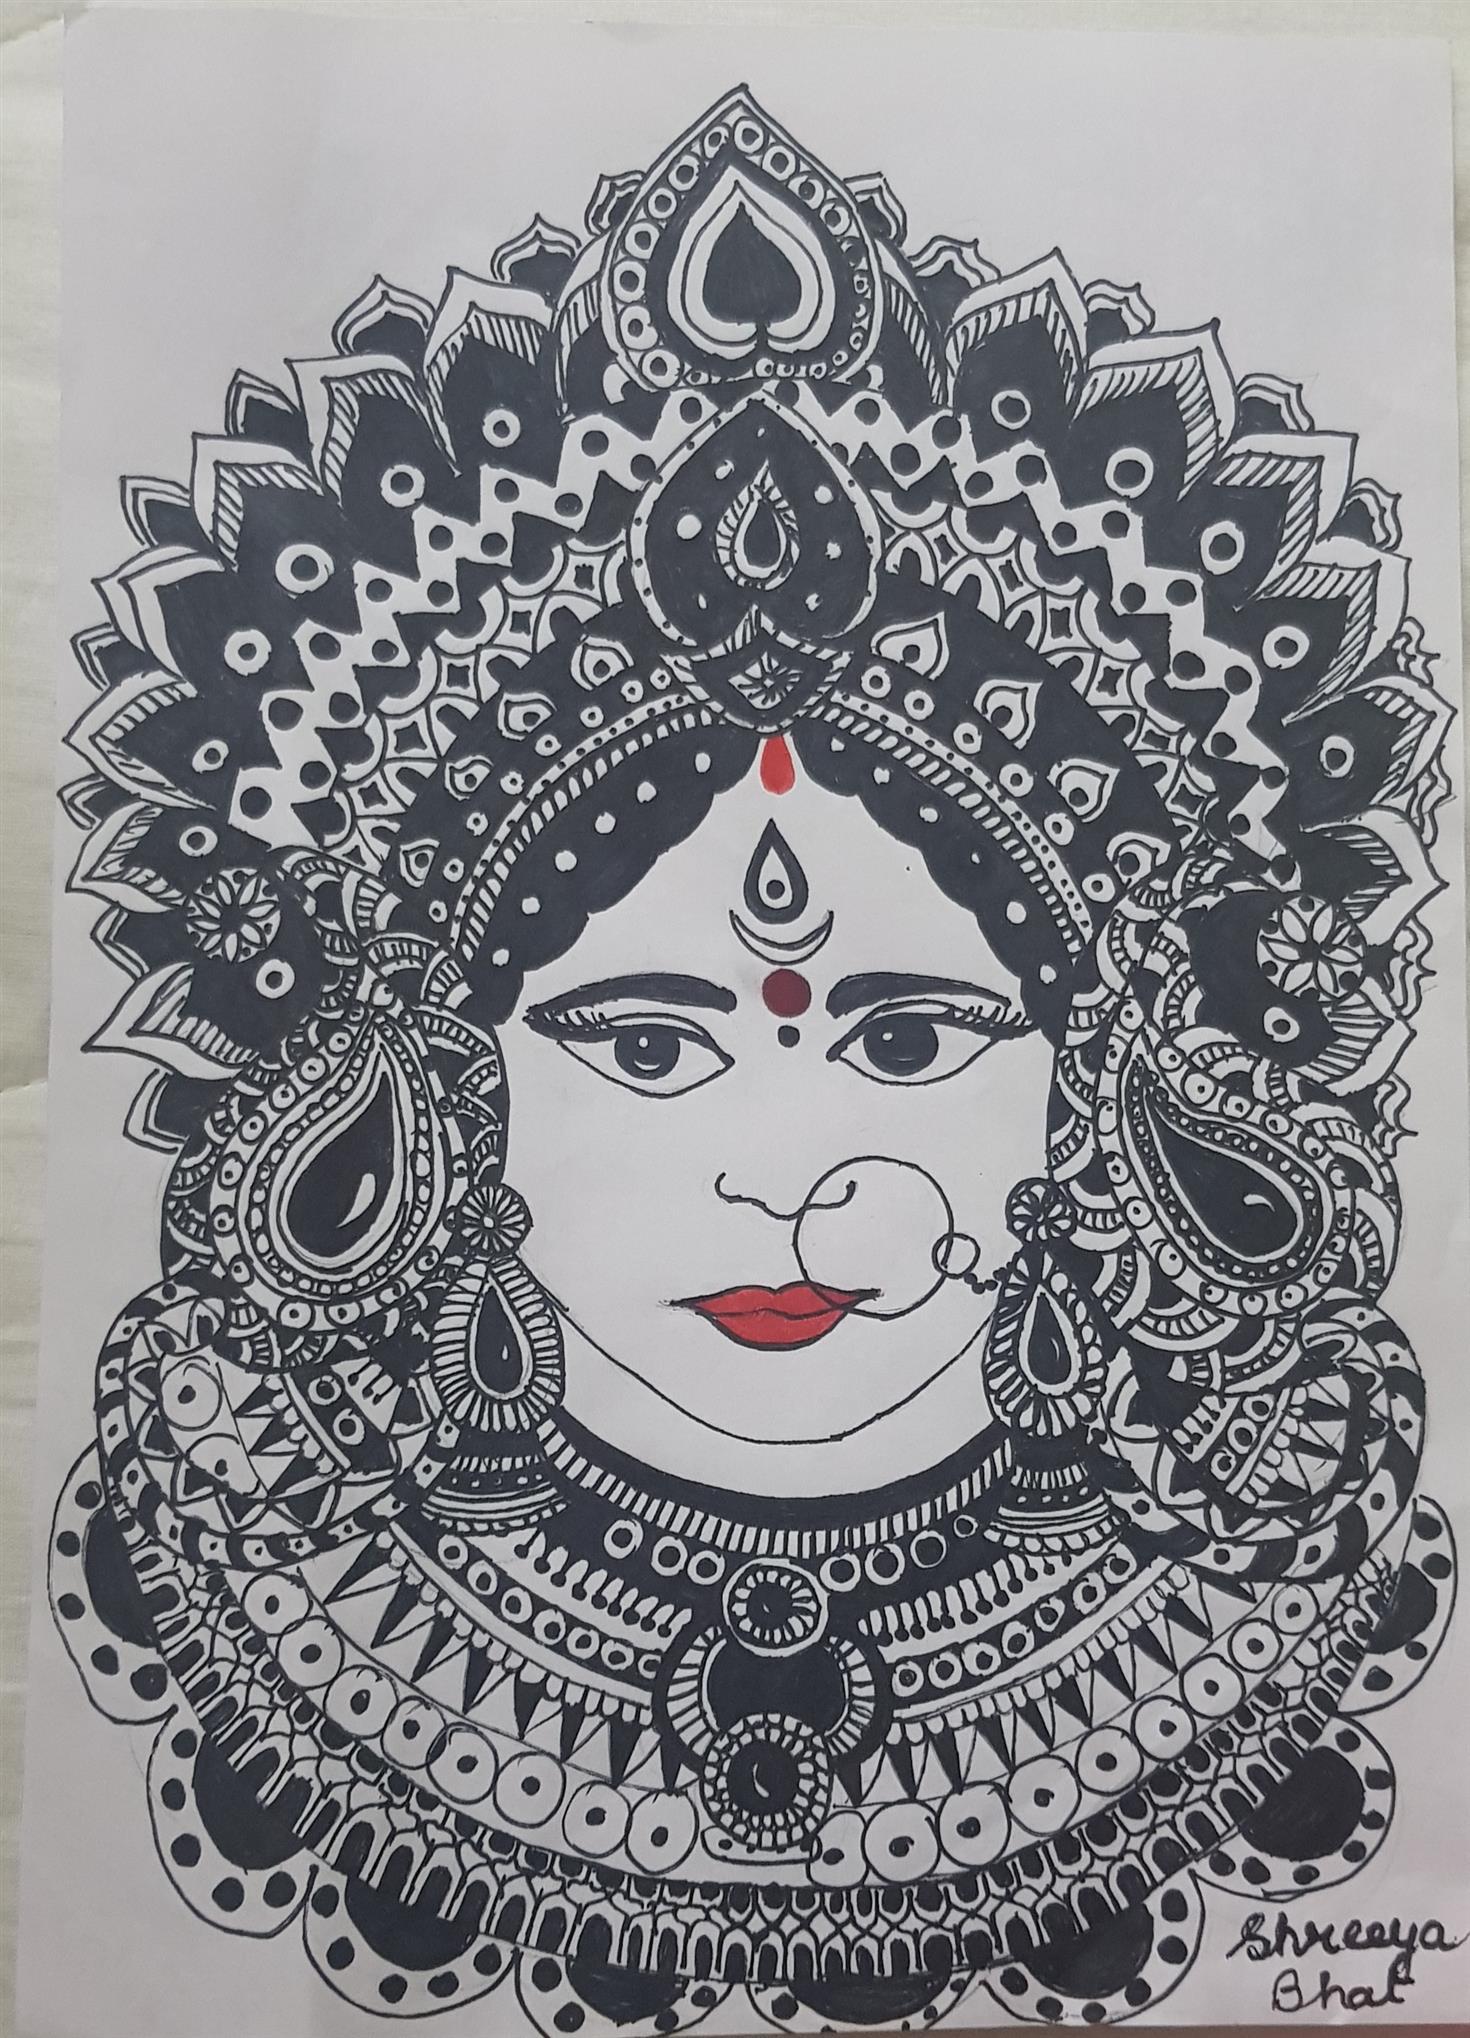 DURGA : Shreya Bhat